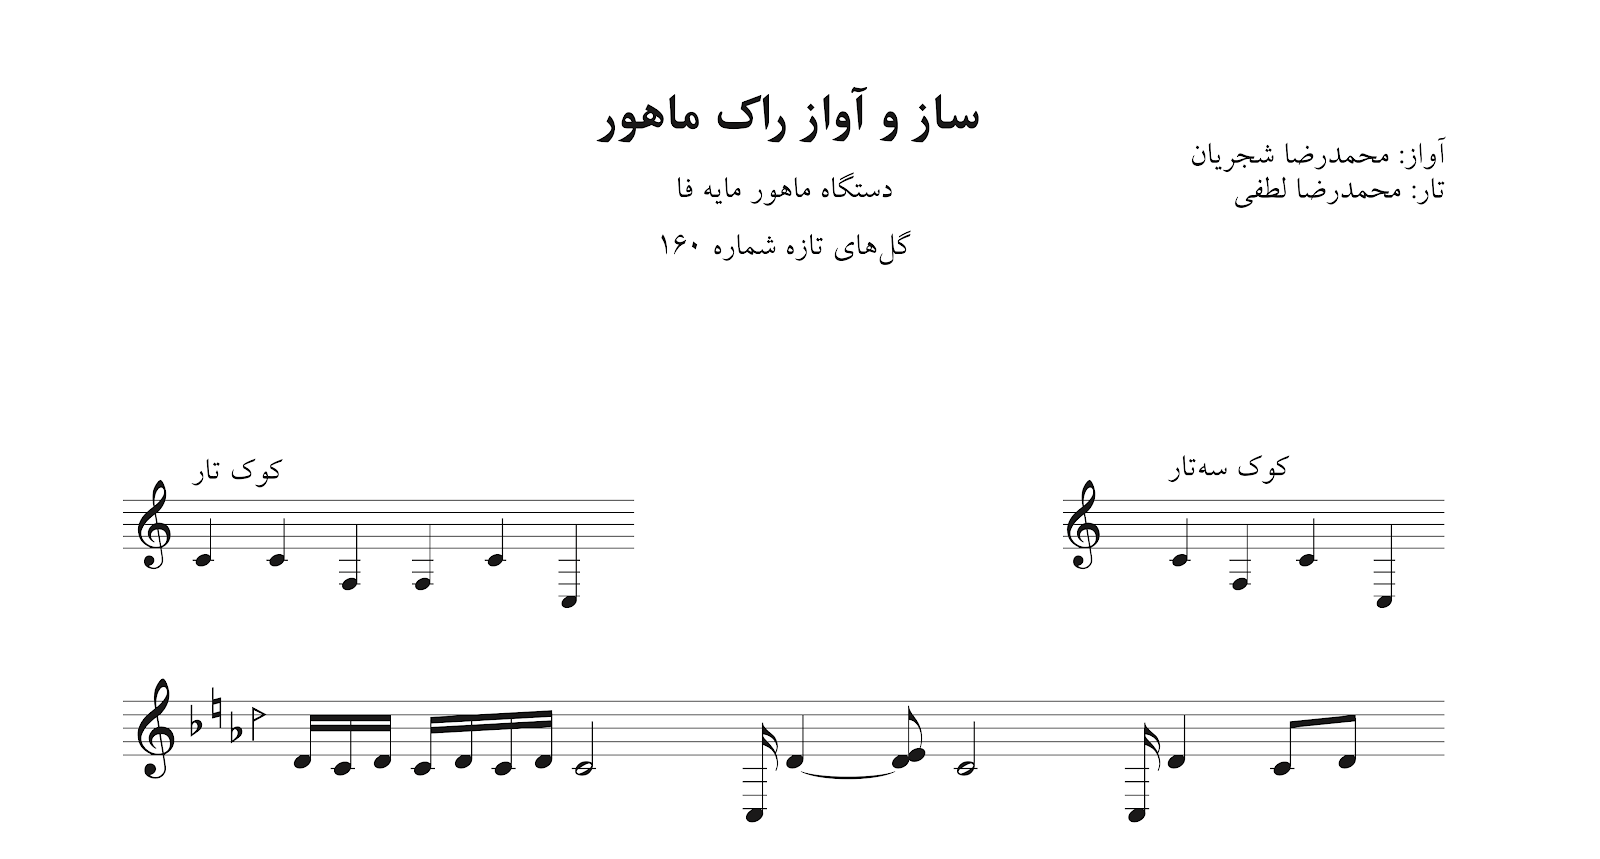 نت ساز و آواز محمدرضا لطفی تار و محمدرضا شجریان گلهای تازه ۱۶۰ راک دستگاه ماهور